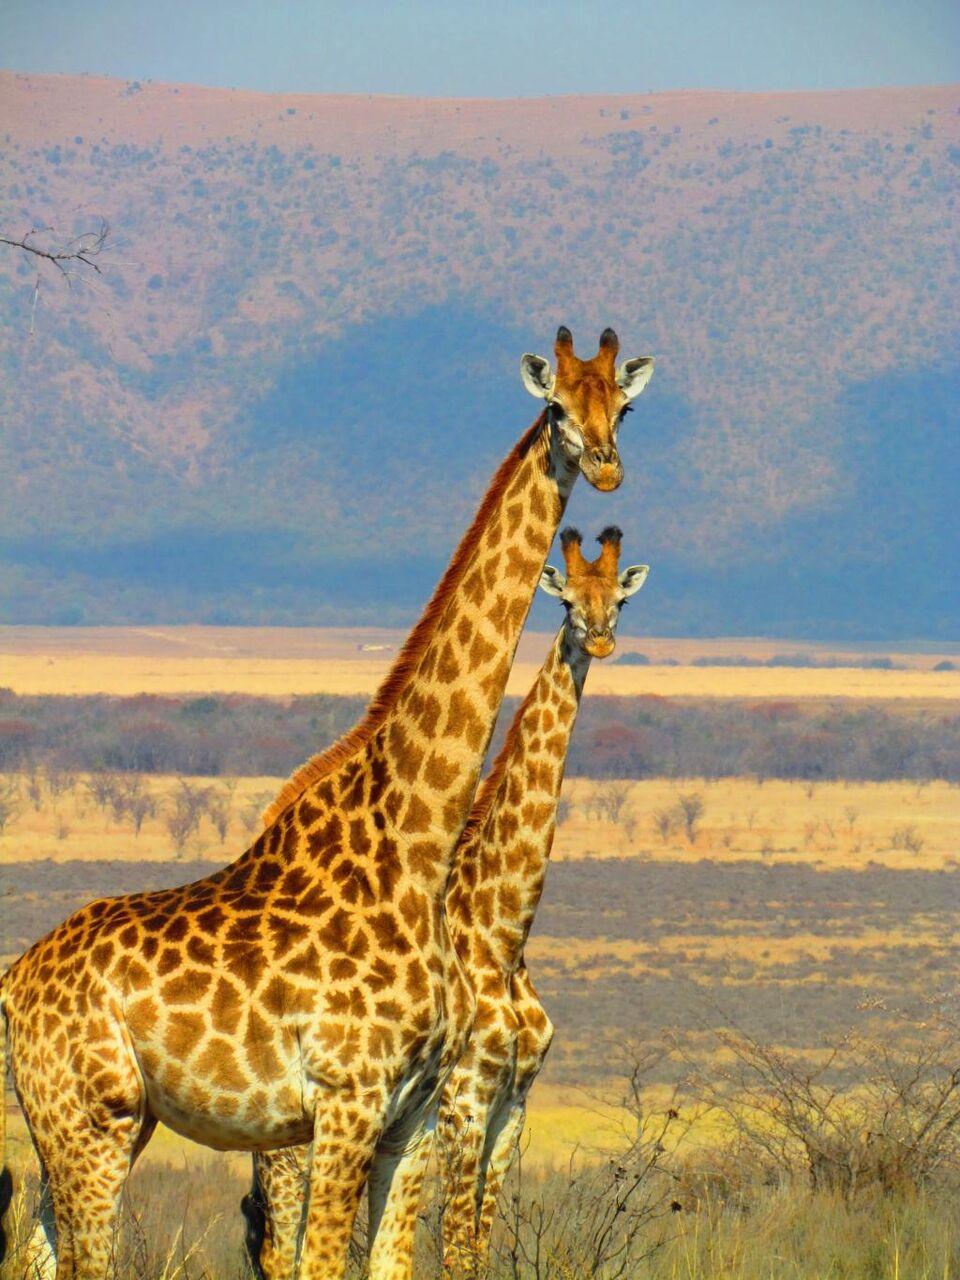 キリンの壁紙の木のハーフトーン 南アフリカ サファリ アフリカ 自然 野生動物 動物 高精細の画像は 材料を入力します 壁紙